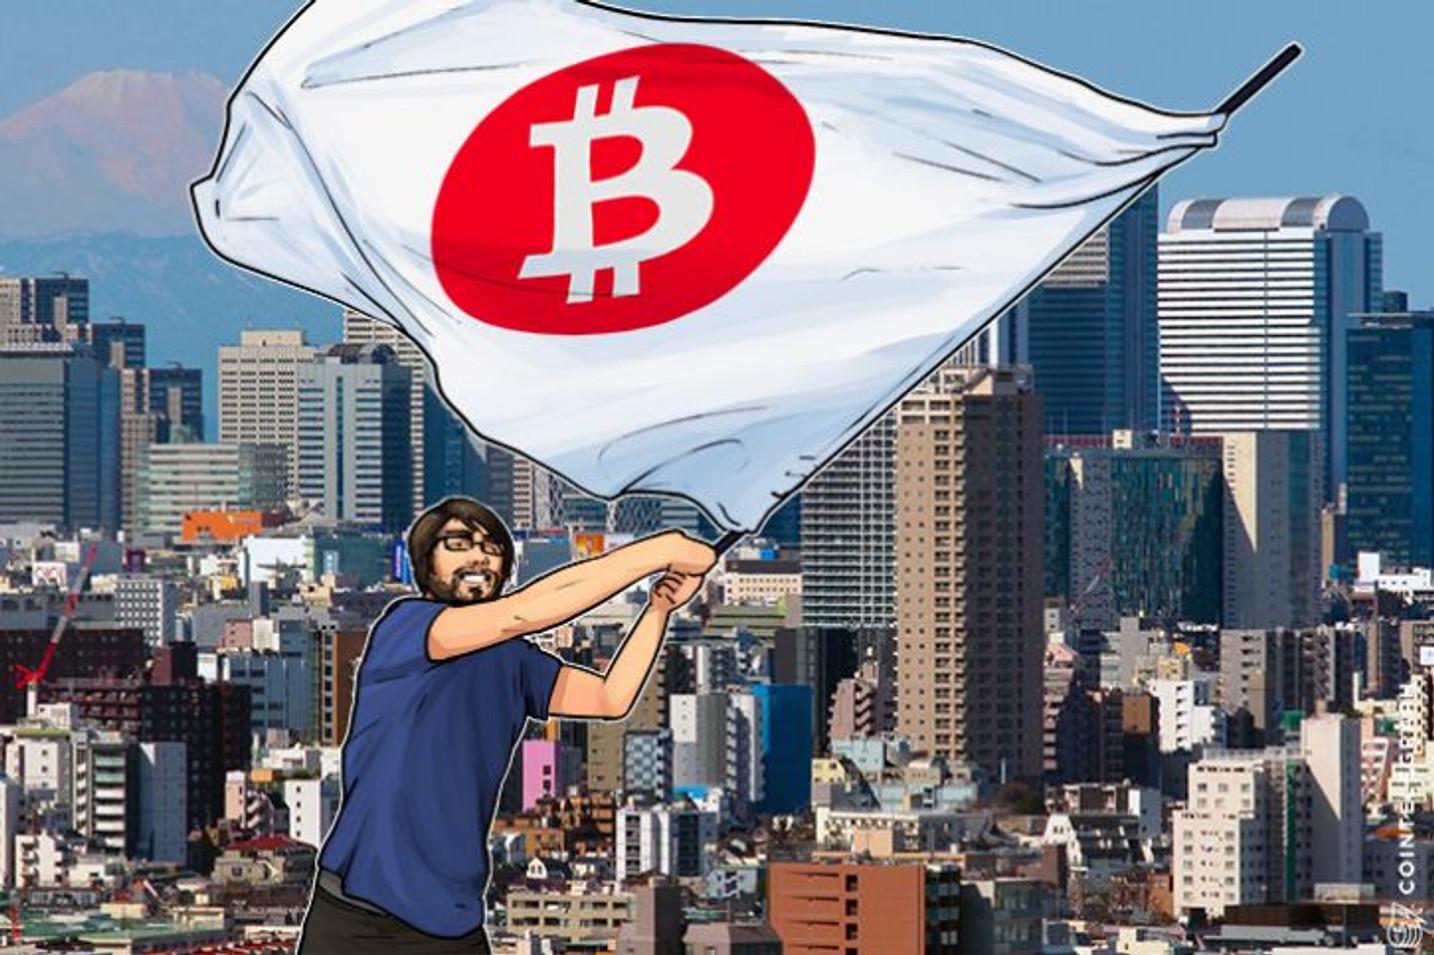 Japão oficialmente reconhece Bitcoins e moedas digitais como dinheiro